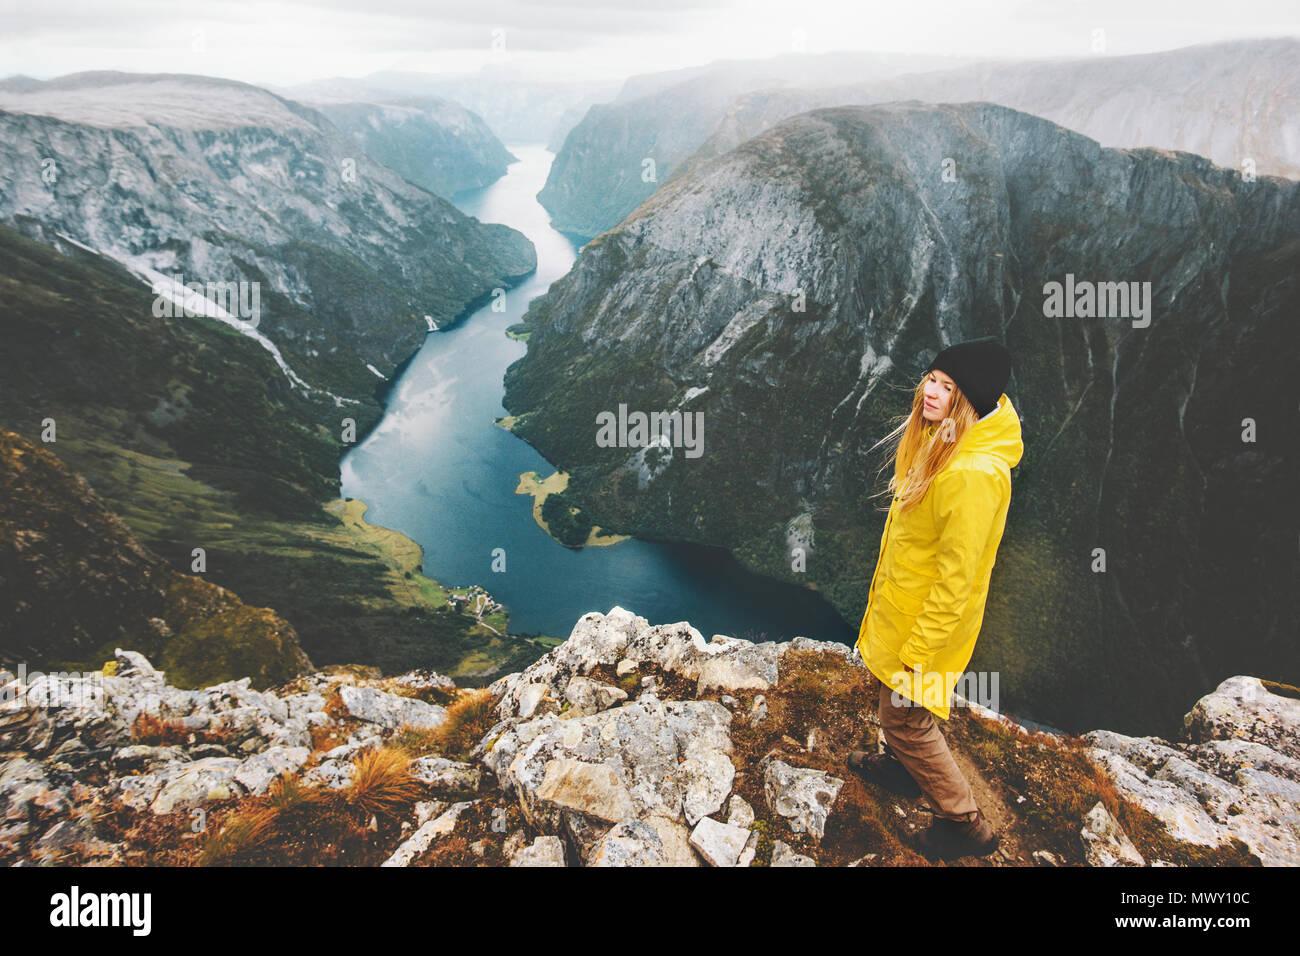 Donna traveler sulla scogliera di montagna in piedi da solo in viaggio in Norvegia Lifestyle Vacanze avventura aerea vista del fiordo bambina indossa un impermeabile giallo walki Immagini Stock